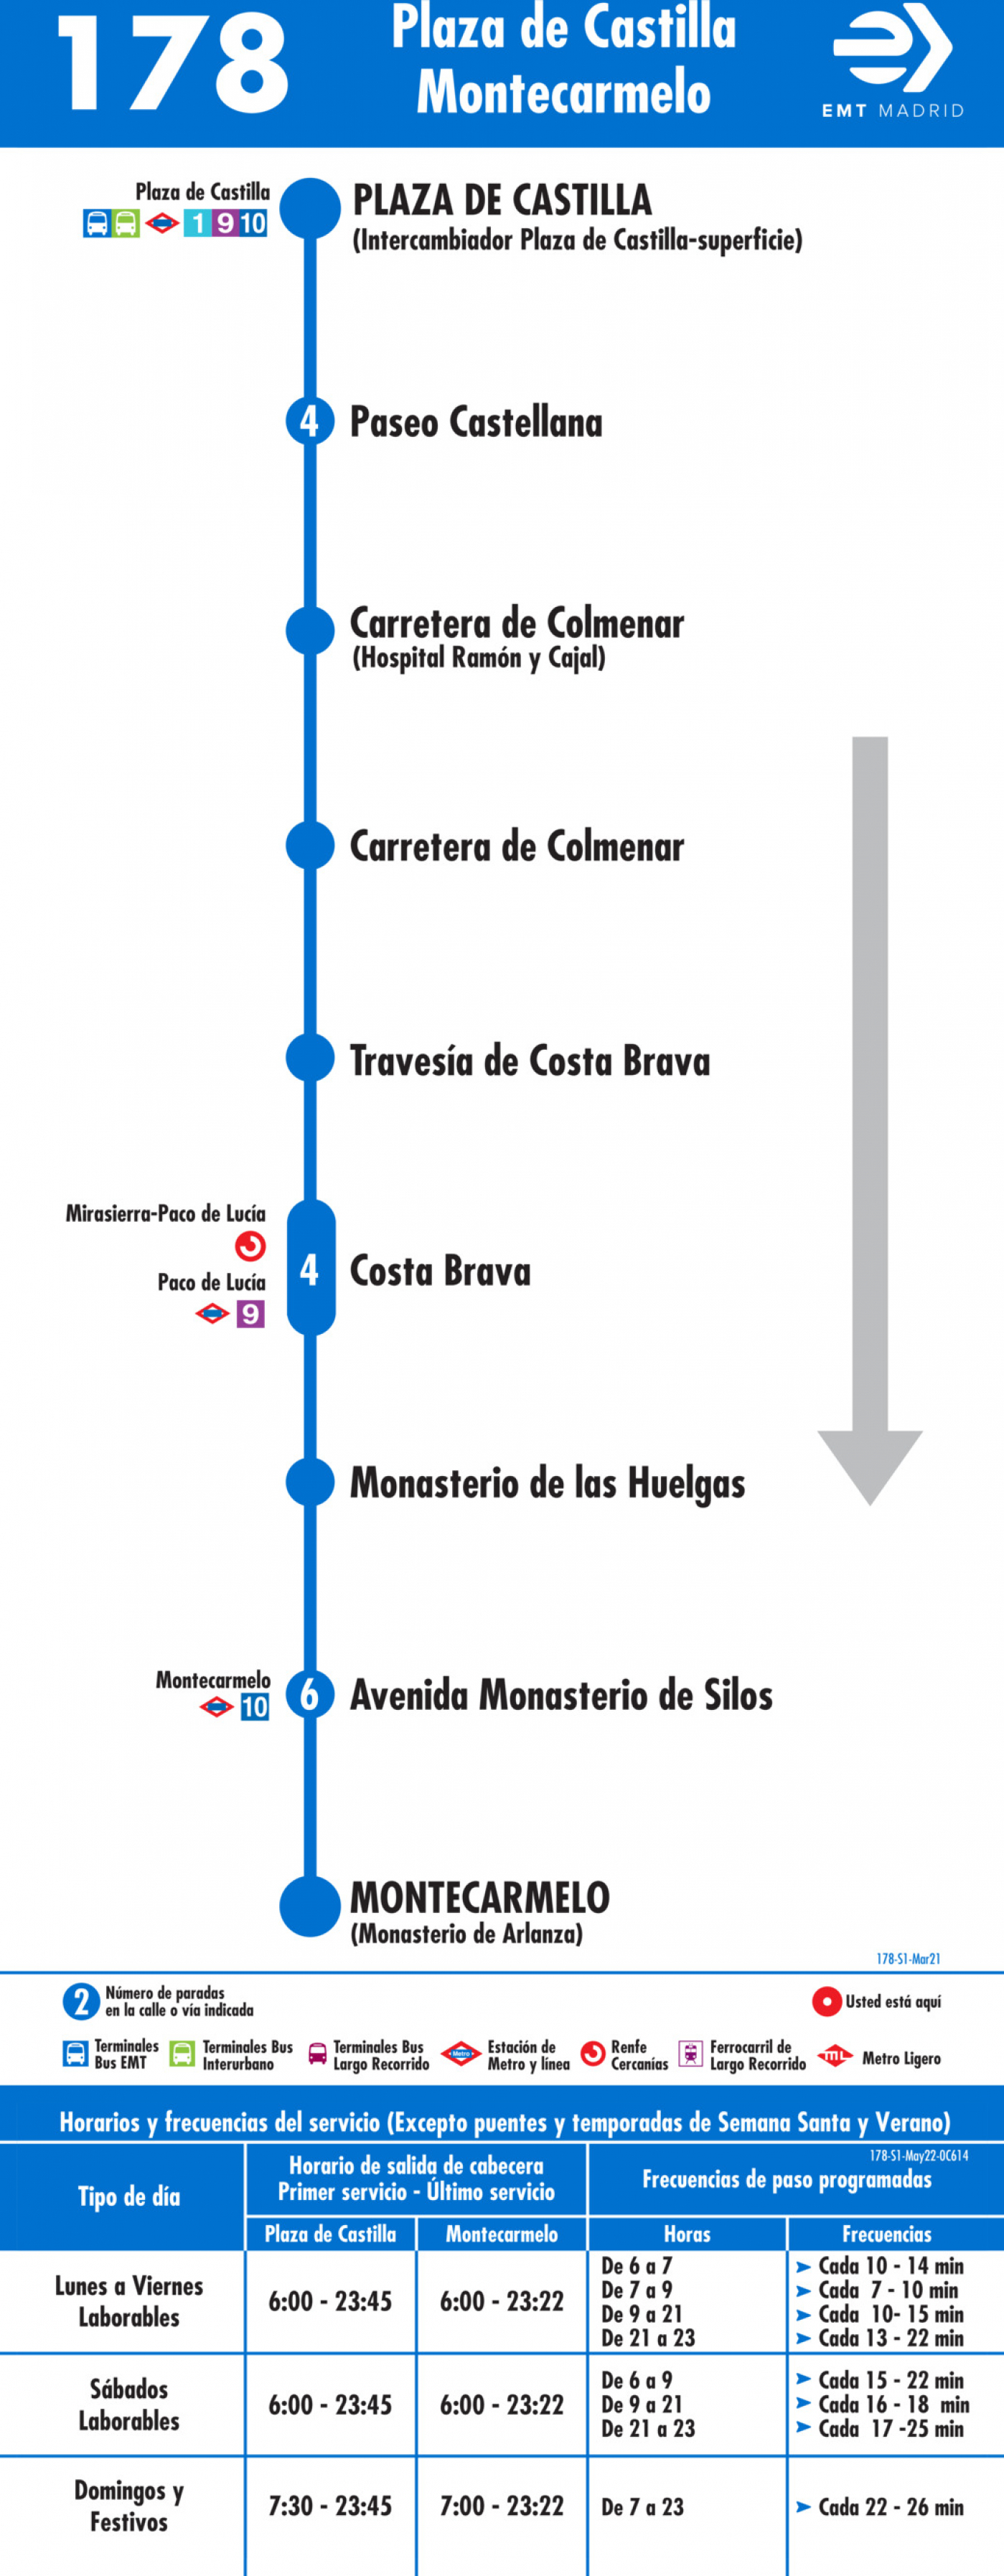 Tabla de horarios y frecuencias de paso en sentido ida Línea 178: Plaza de Castilla - Montecarmelo